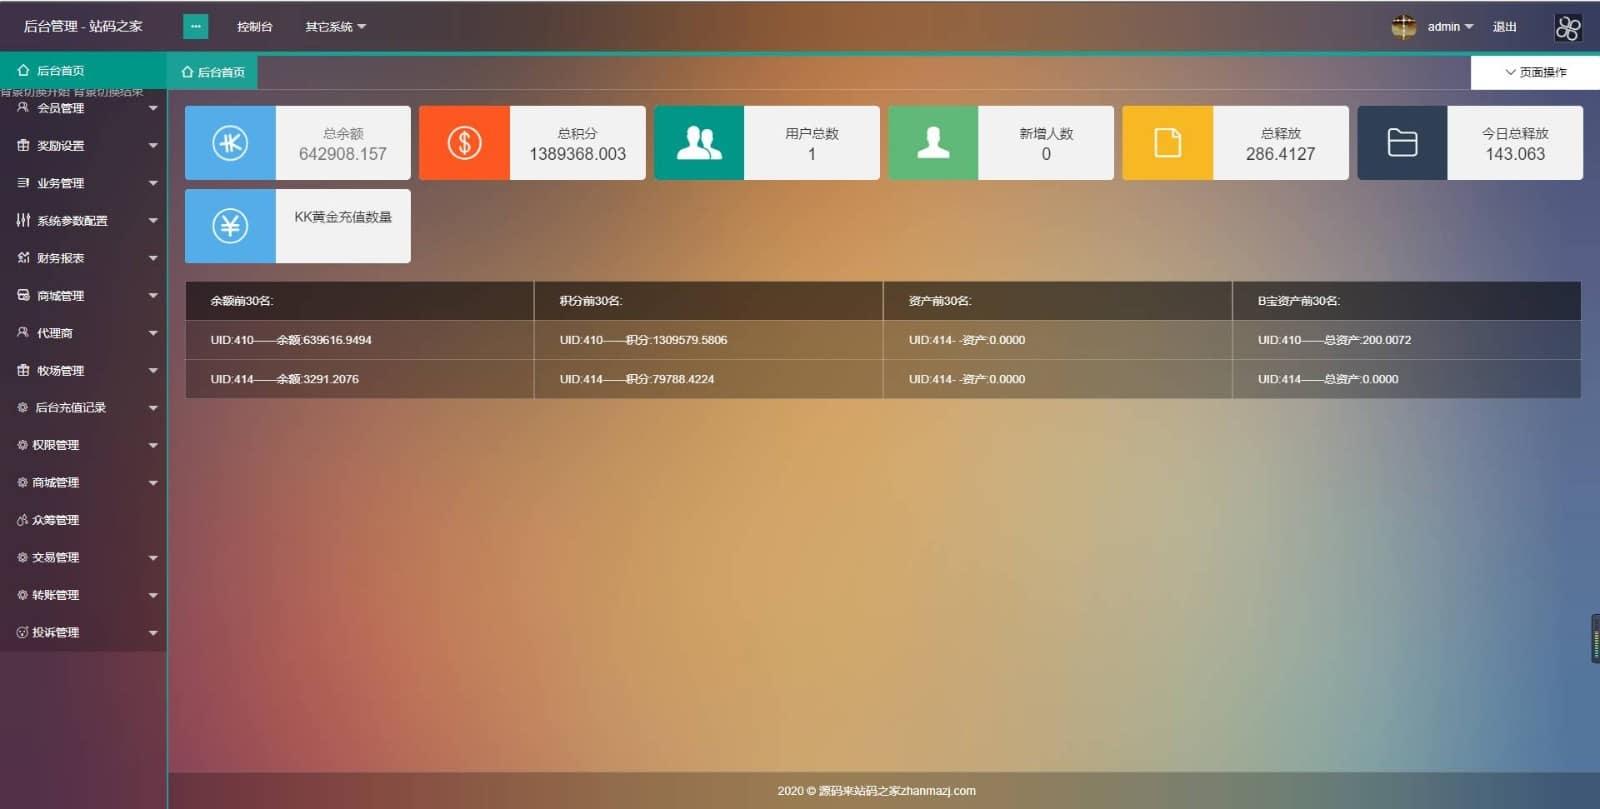 【数字区块链】钱包交易所系统plustoken类型新版牧场/农场游戏源码系统